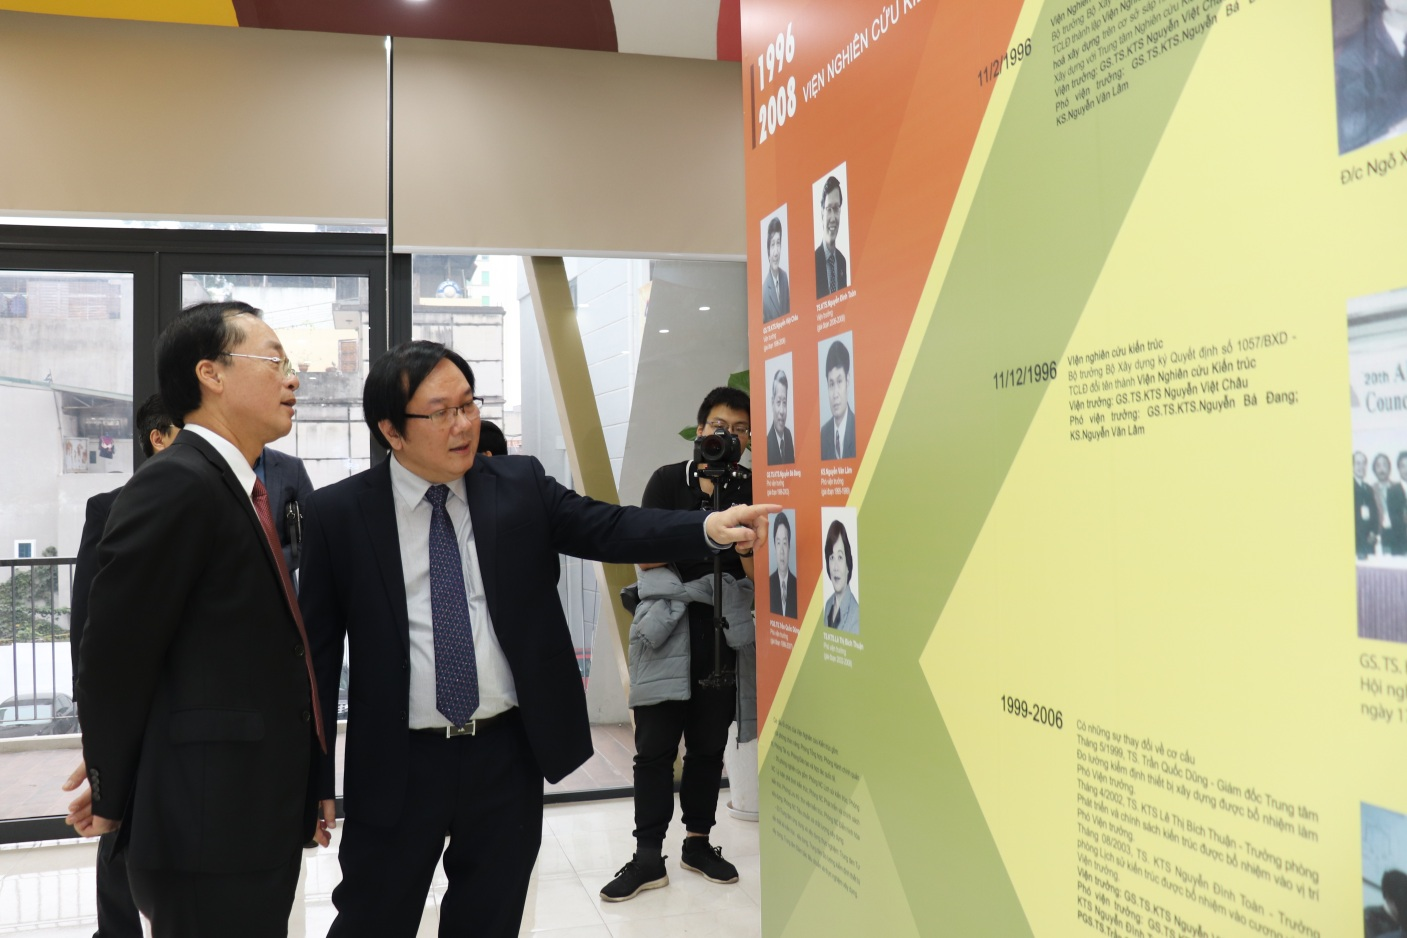 Bộ trưởng Phạm Hồng Hà tham quan khu trưng bầy Lịch sử hình thành Viện Kiến trúc Quốc gia.